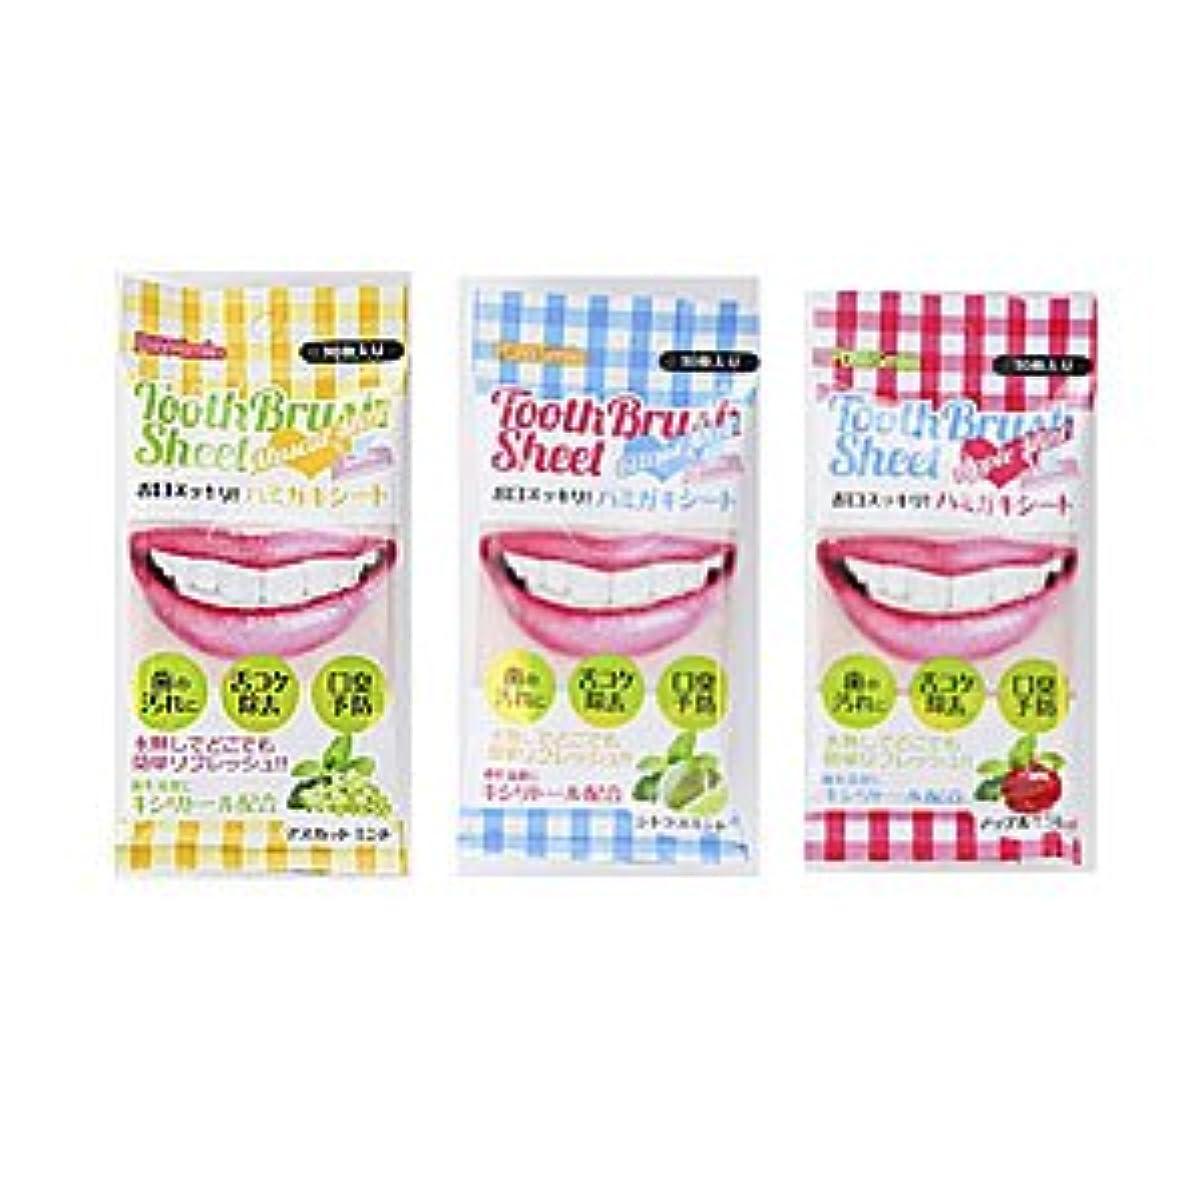 ピストル違法元のピュアスマイル 歯磨きシート 全3種類 (アップルミント)